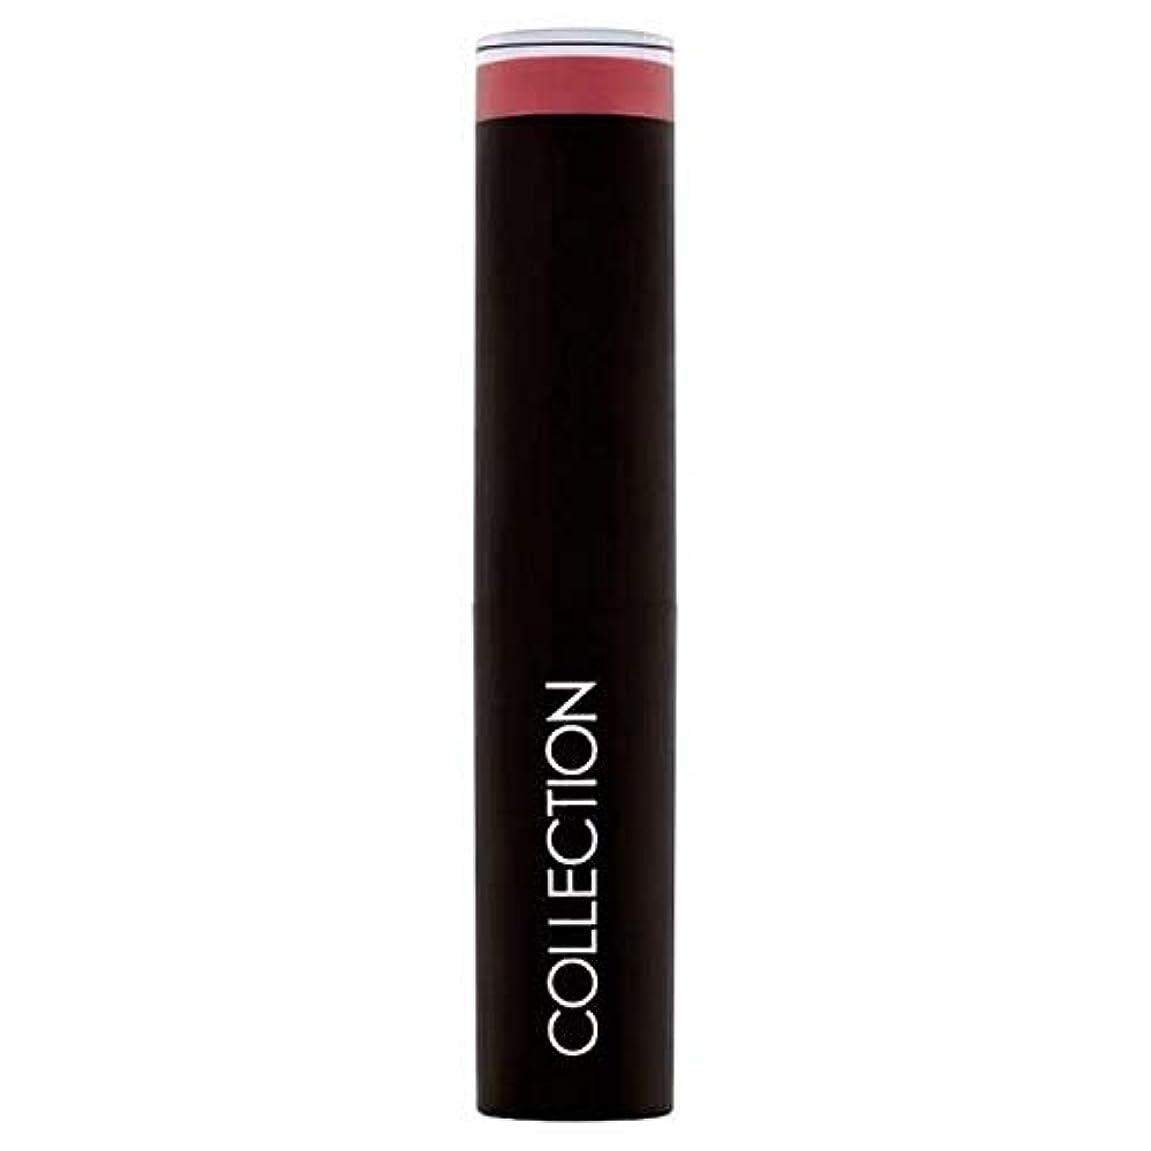 つかむ送信する委員長[Collection ] コレクション強烈な輝きゲル口紅破砕梅3 - Collection Intense Shine Gel Lipstick Crushed Plum 3 [並行輸入品]